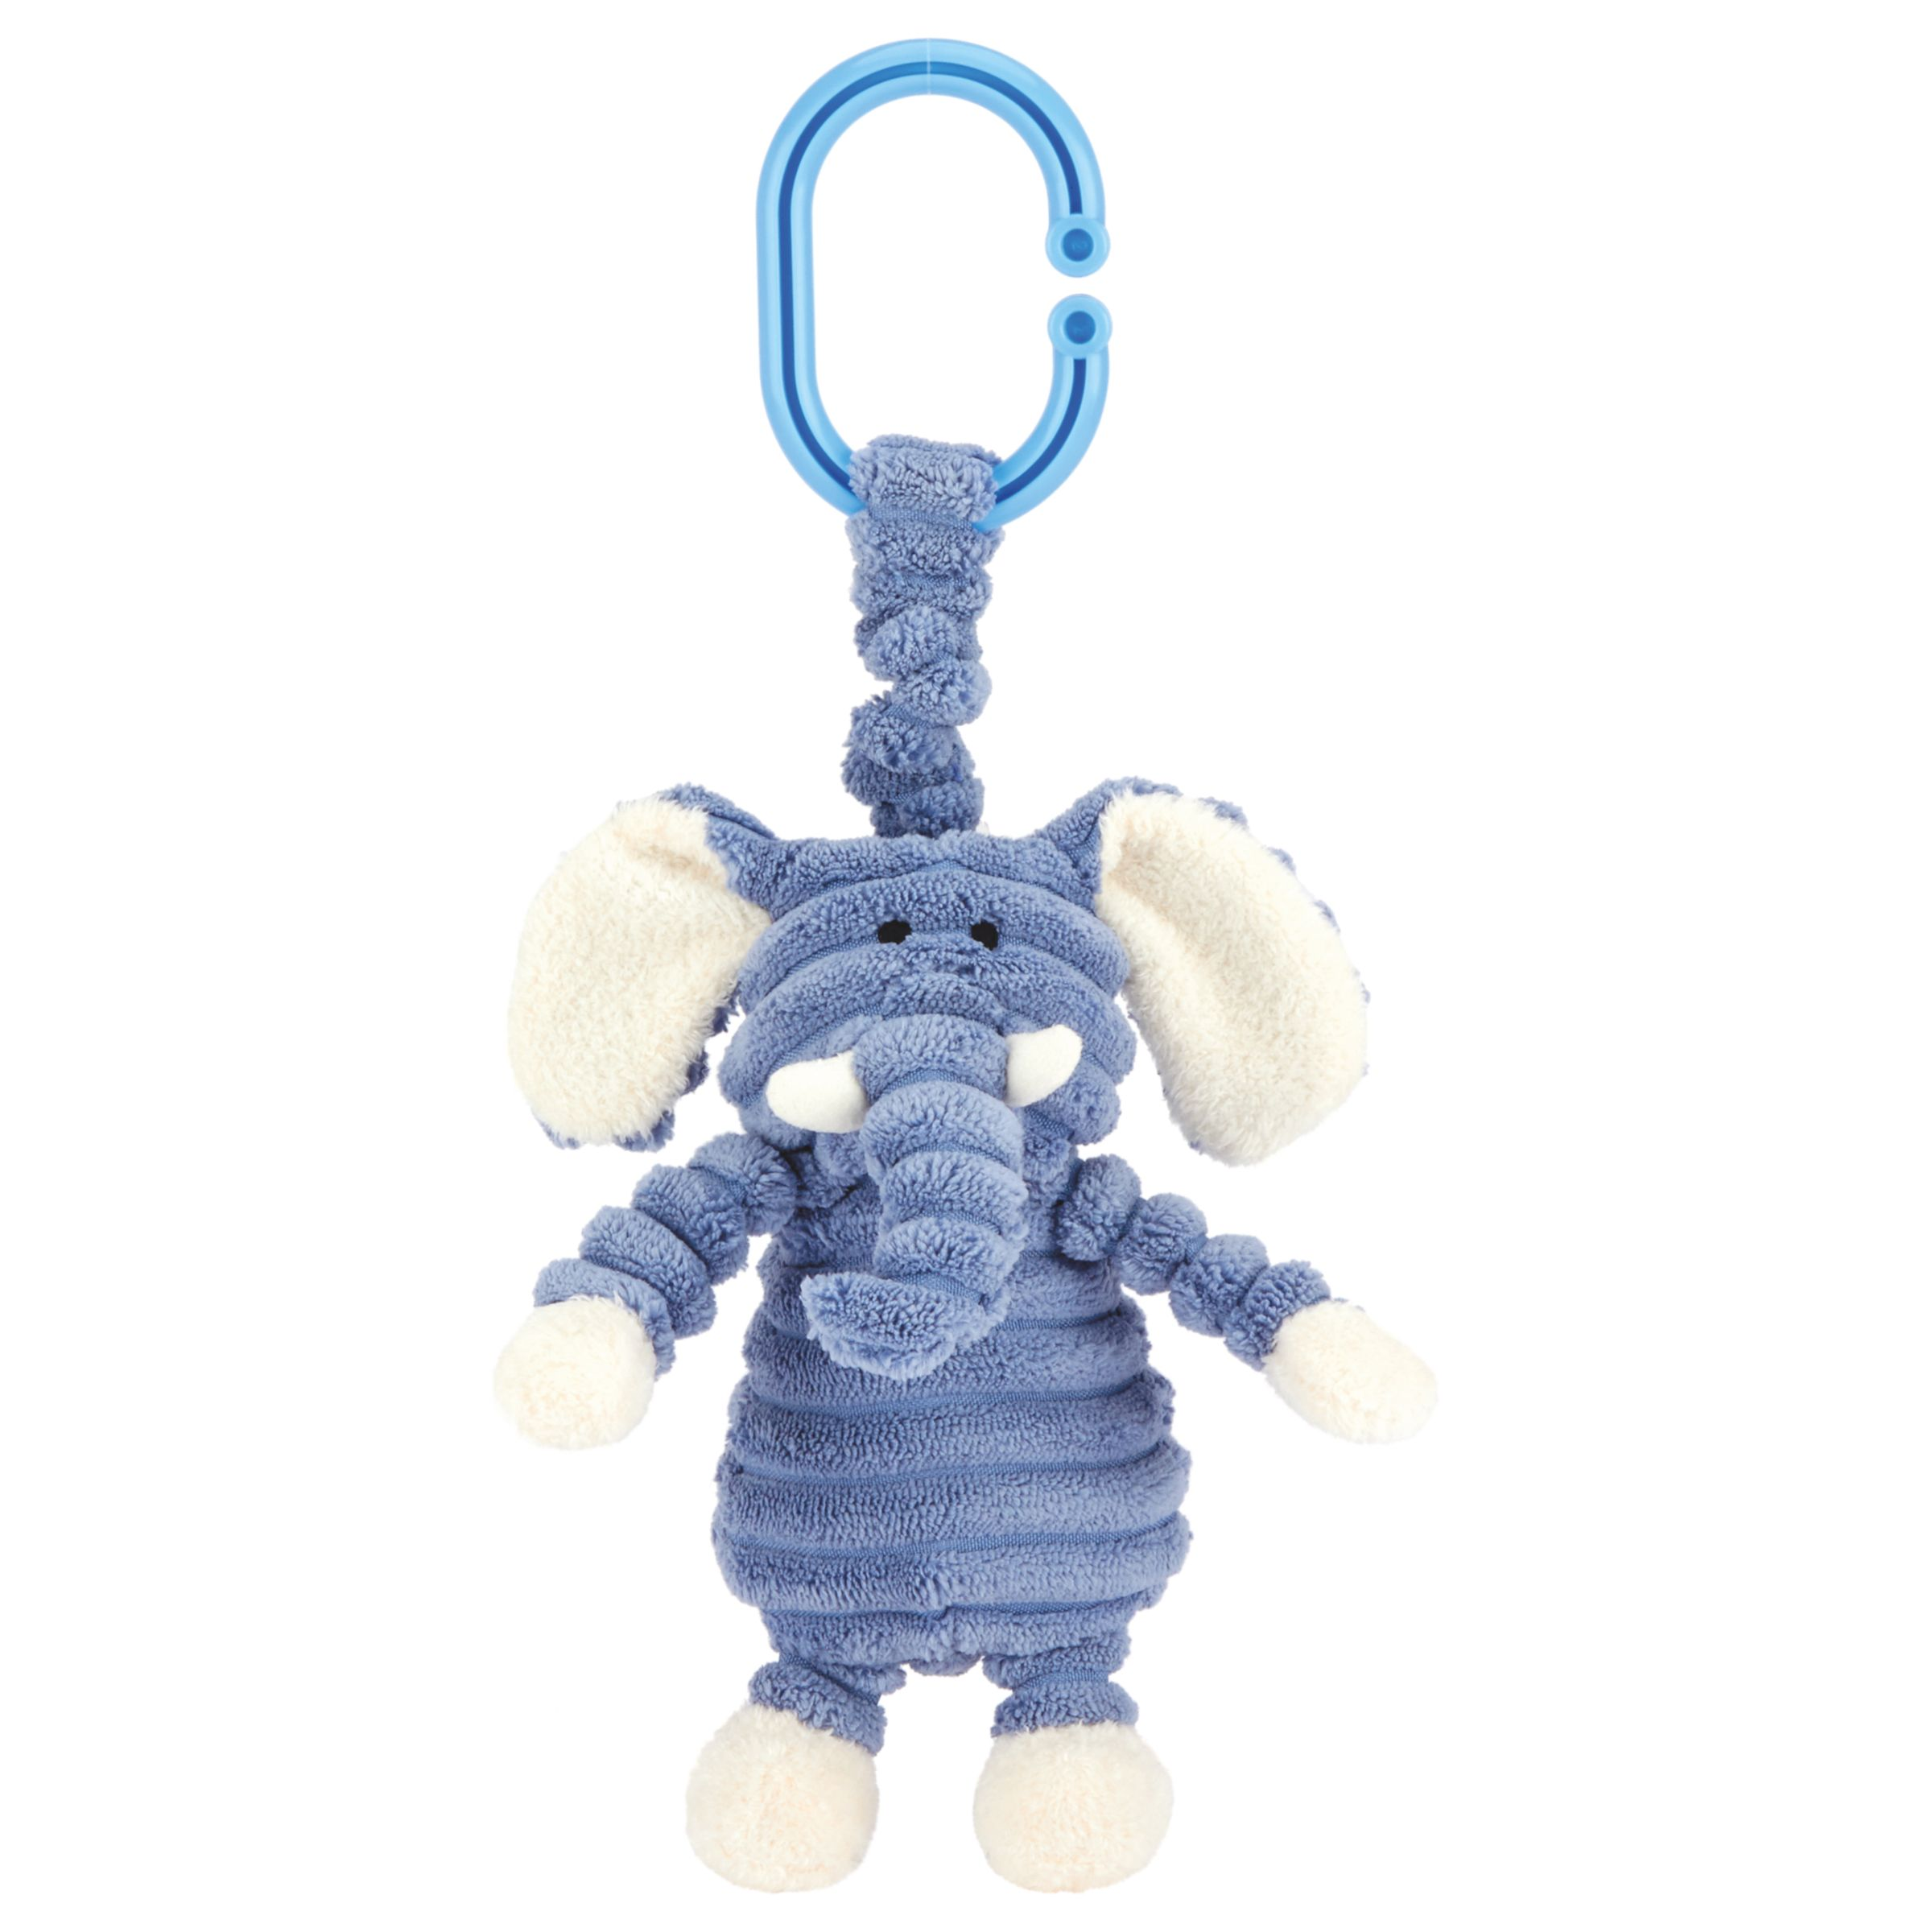 Jellycat Jellycat Cordy Roy Baby Elephant Jitter Soft Toy